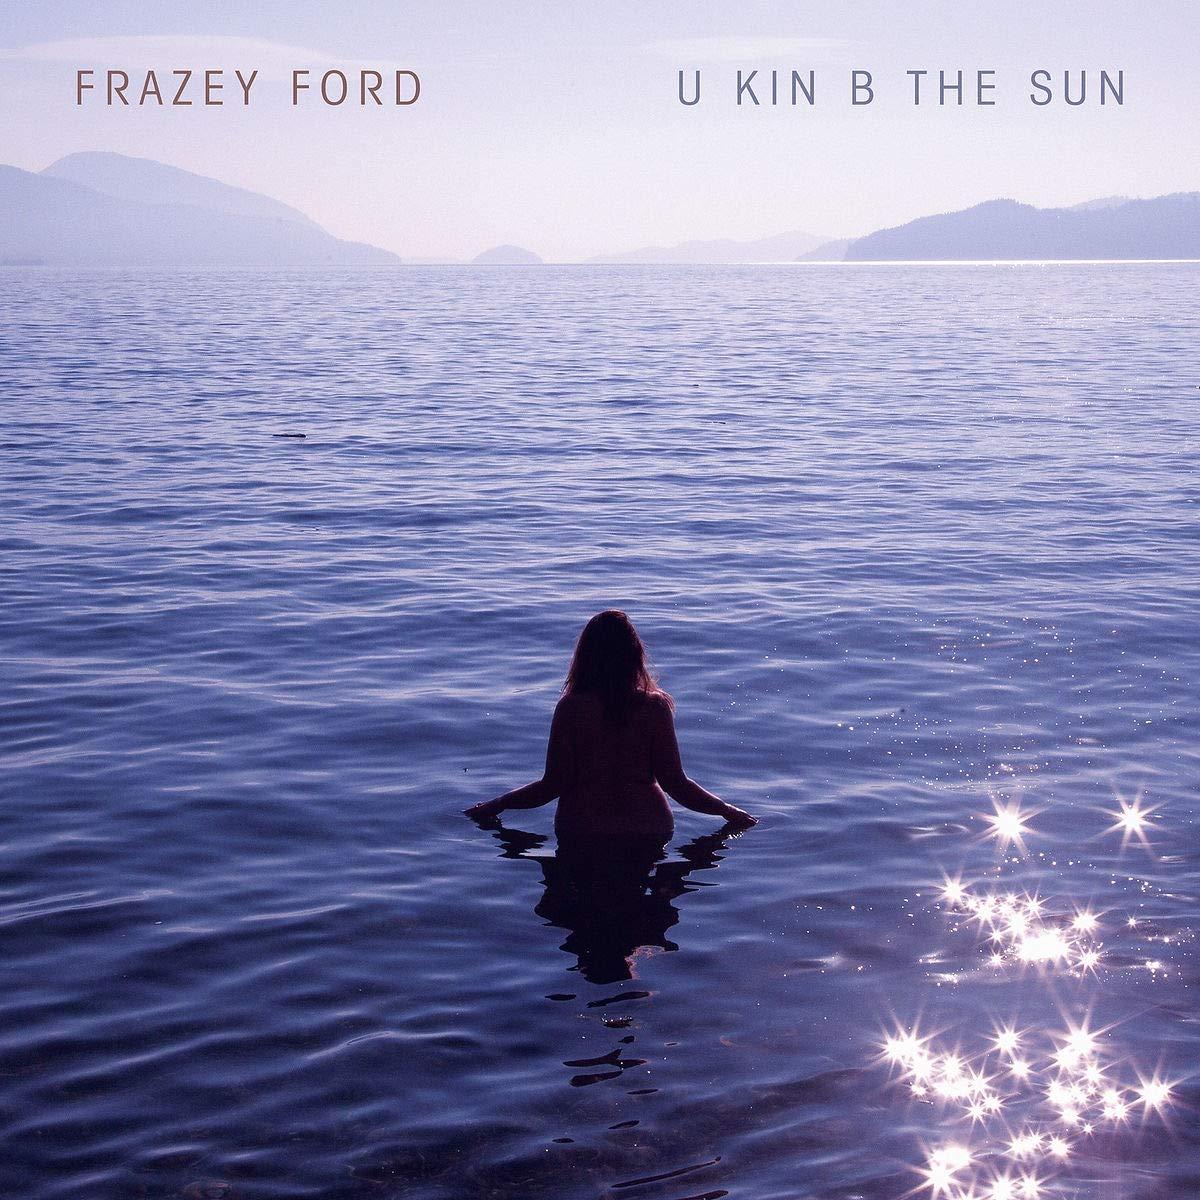 Frazey Ford – U kin b the sun